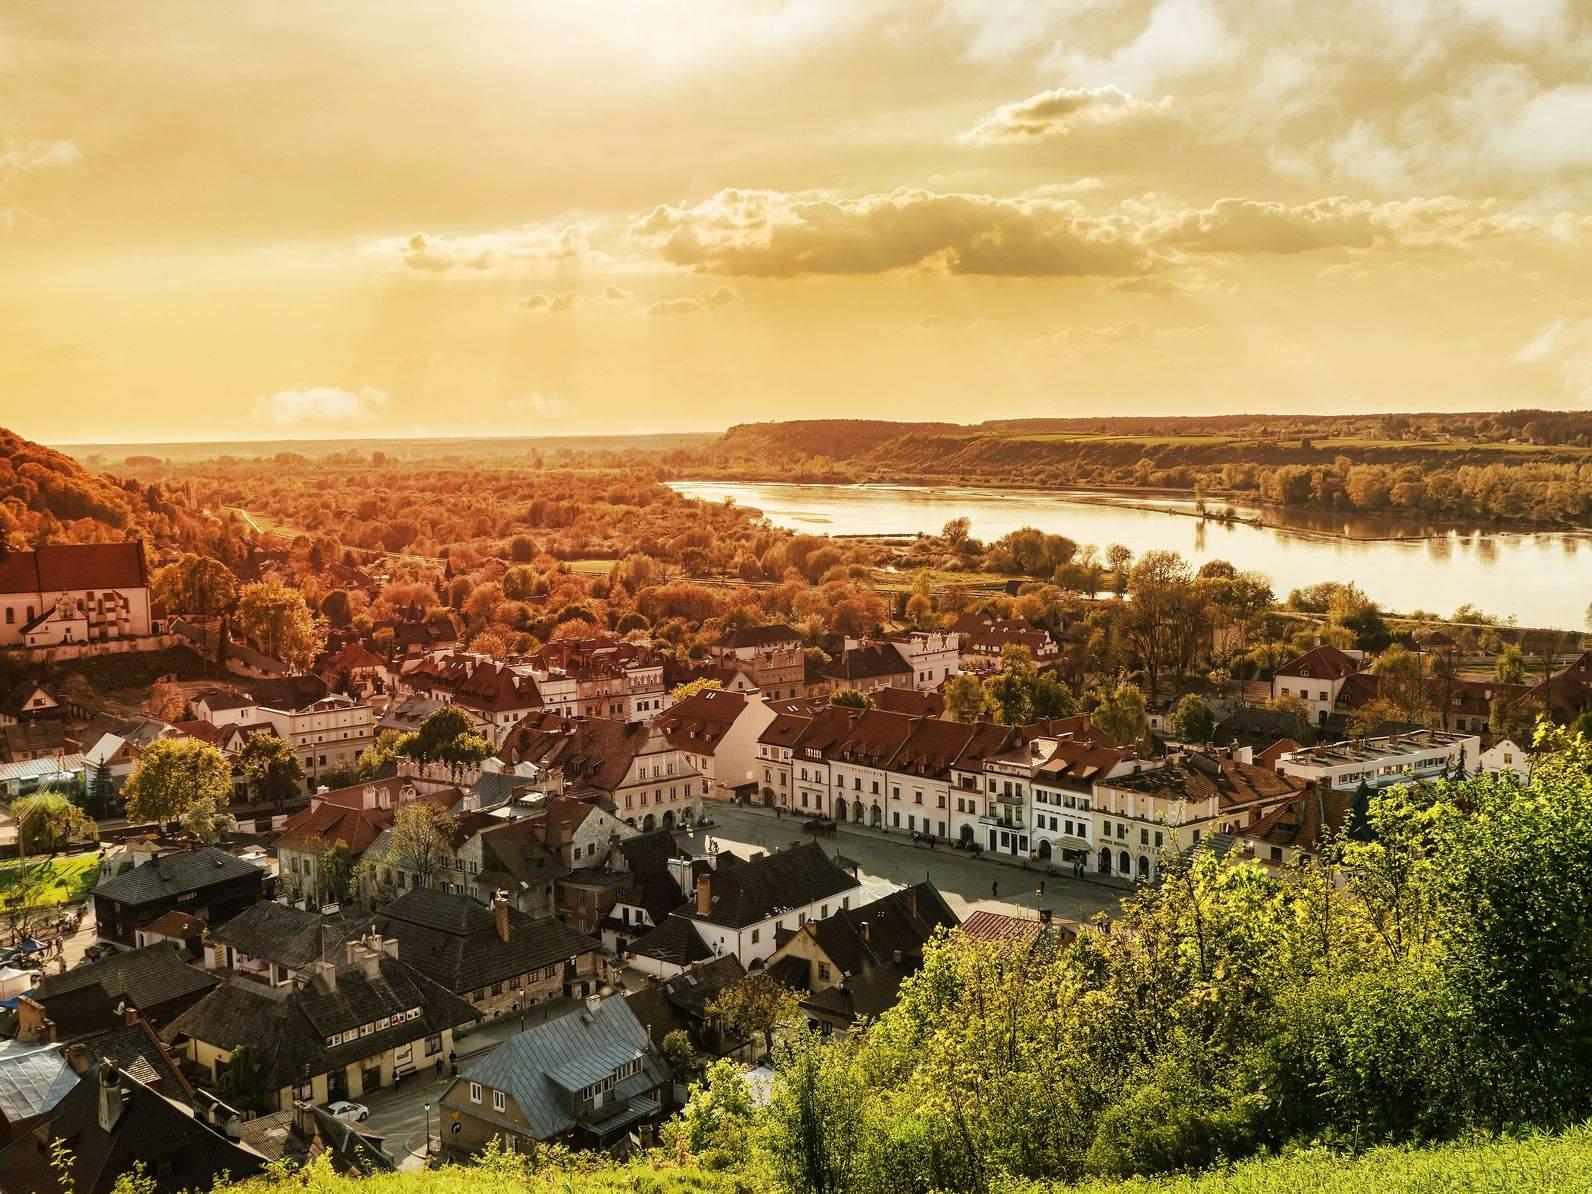 Thị trấn Kazimierz Dolny bên cạnh con sông Vistula xinh đẹp